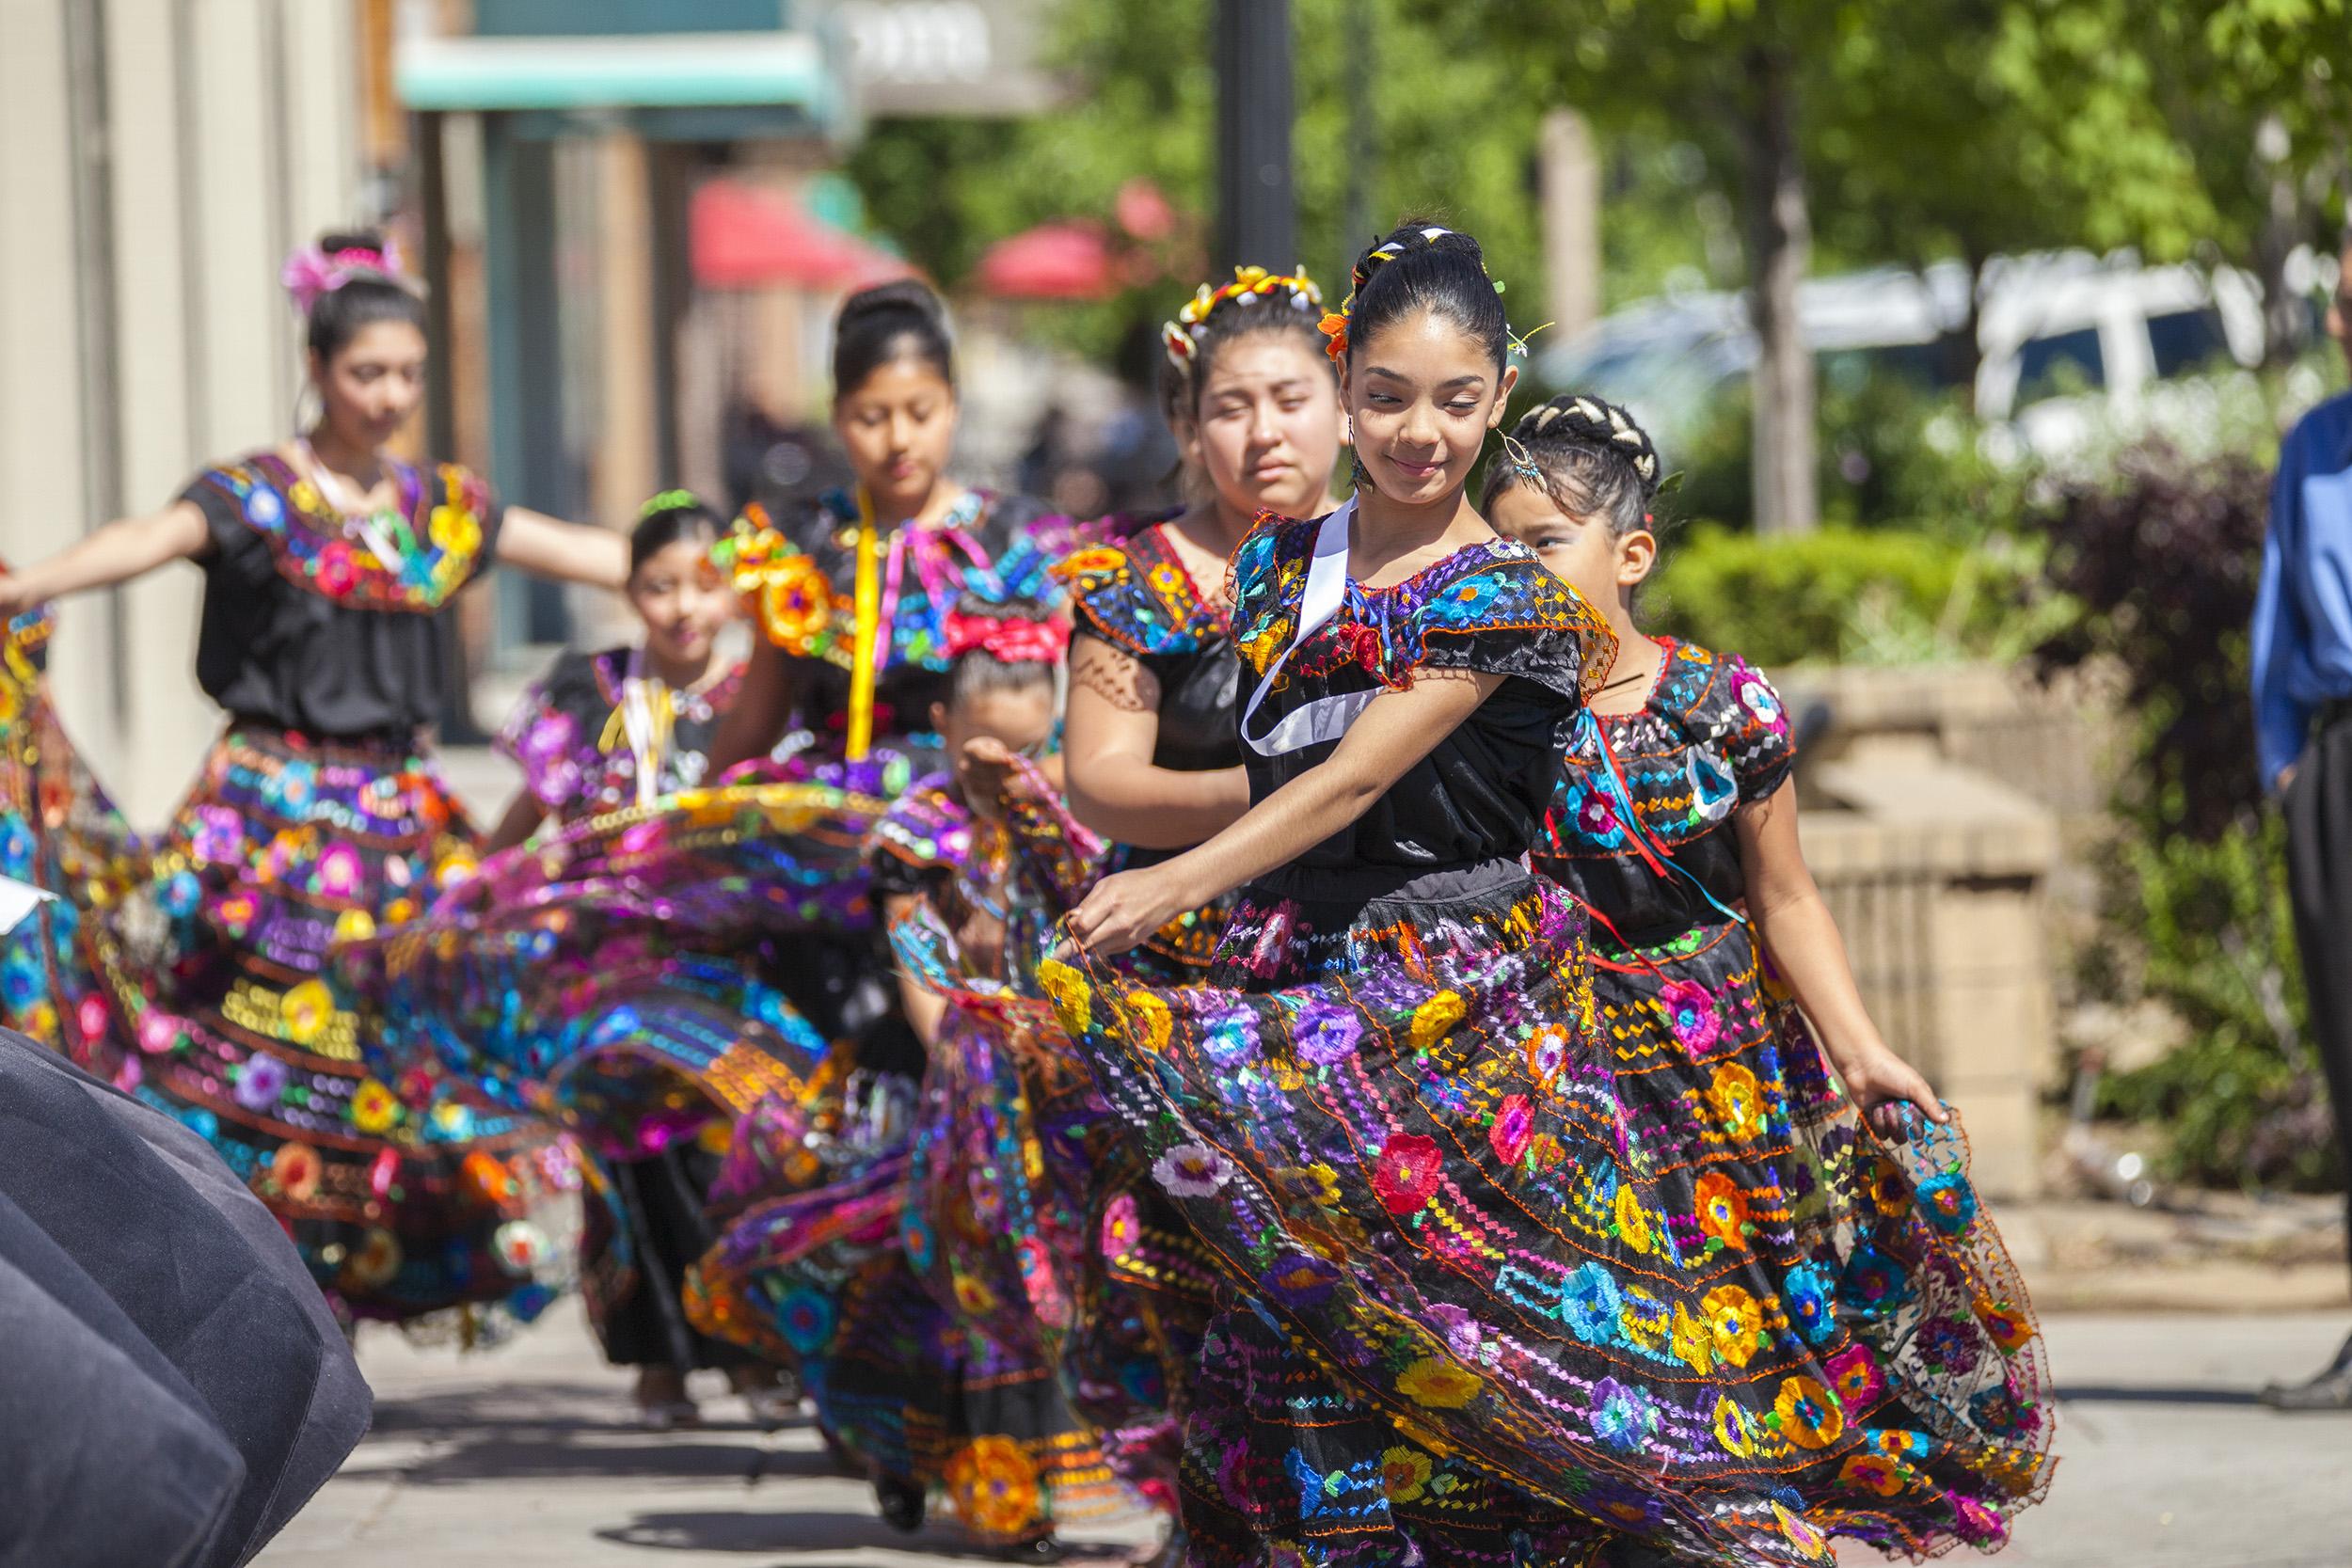 Cinco De Mayo Celebrations in Yakima and Sunnyside, WA